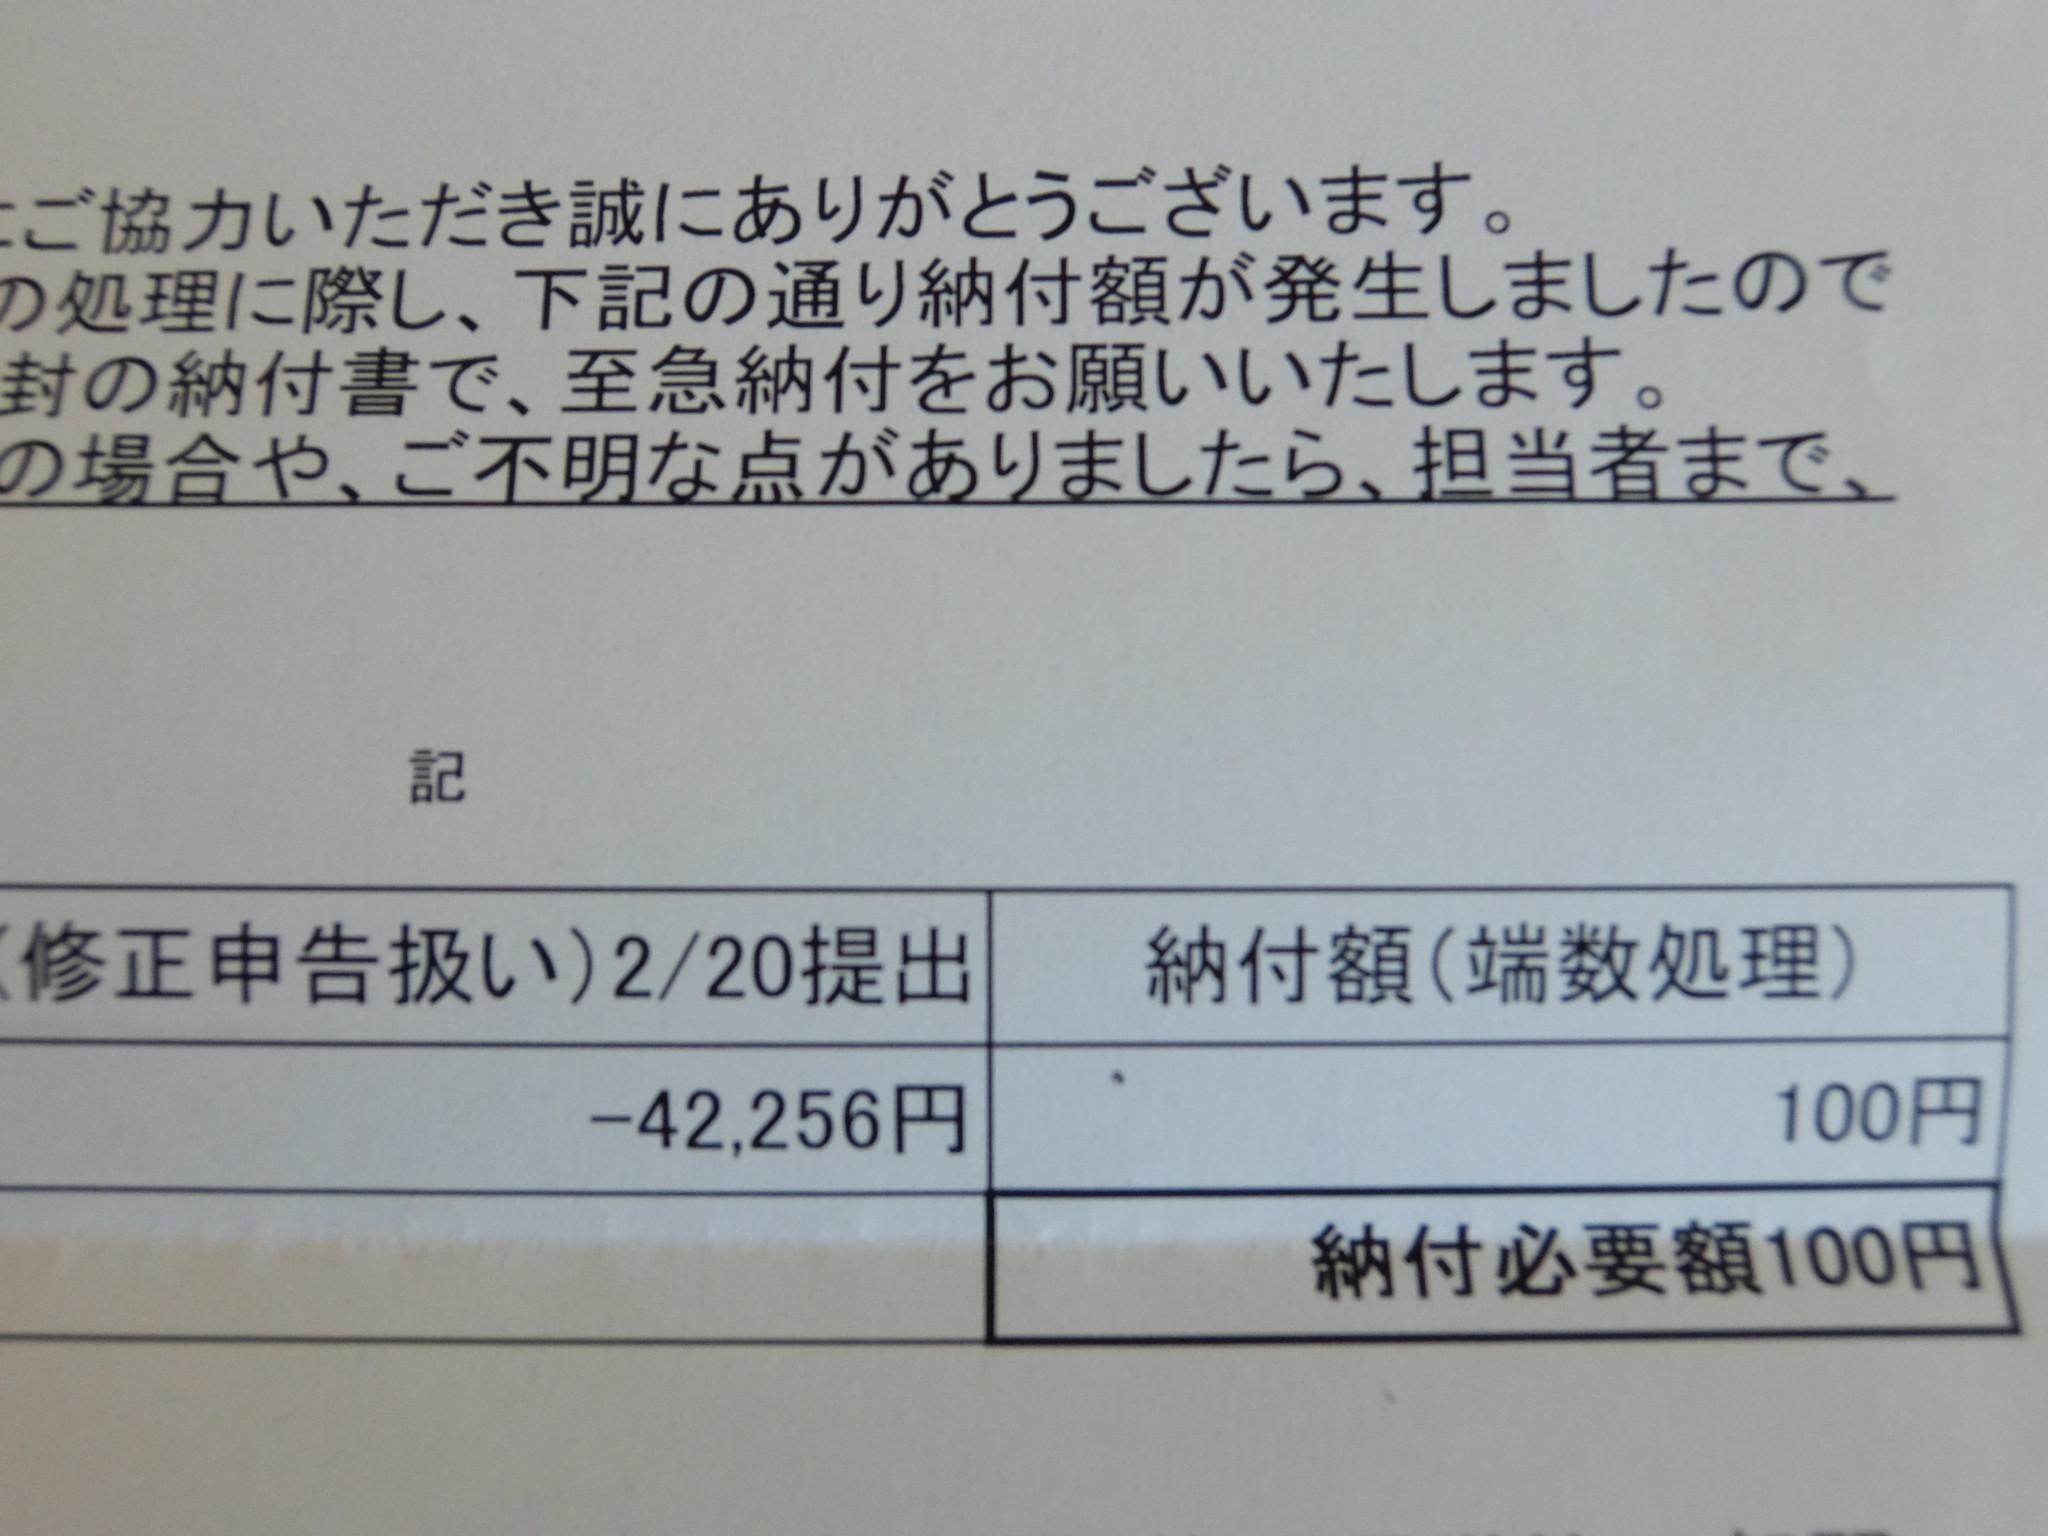 税務署から請求書